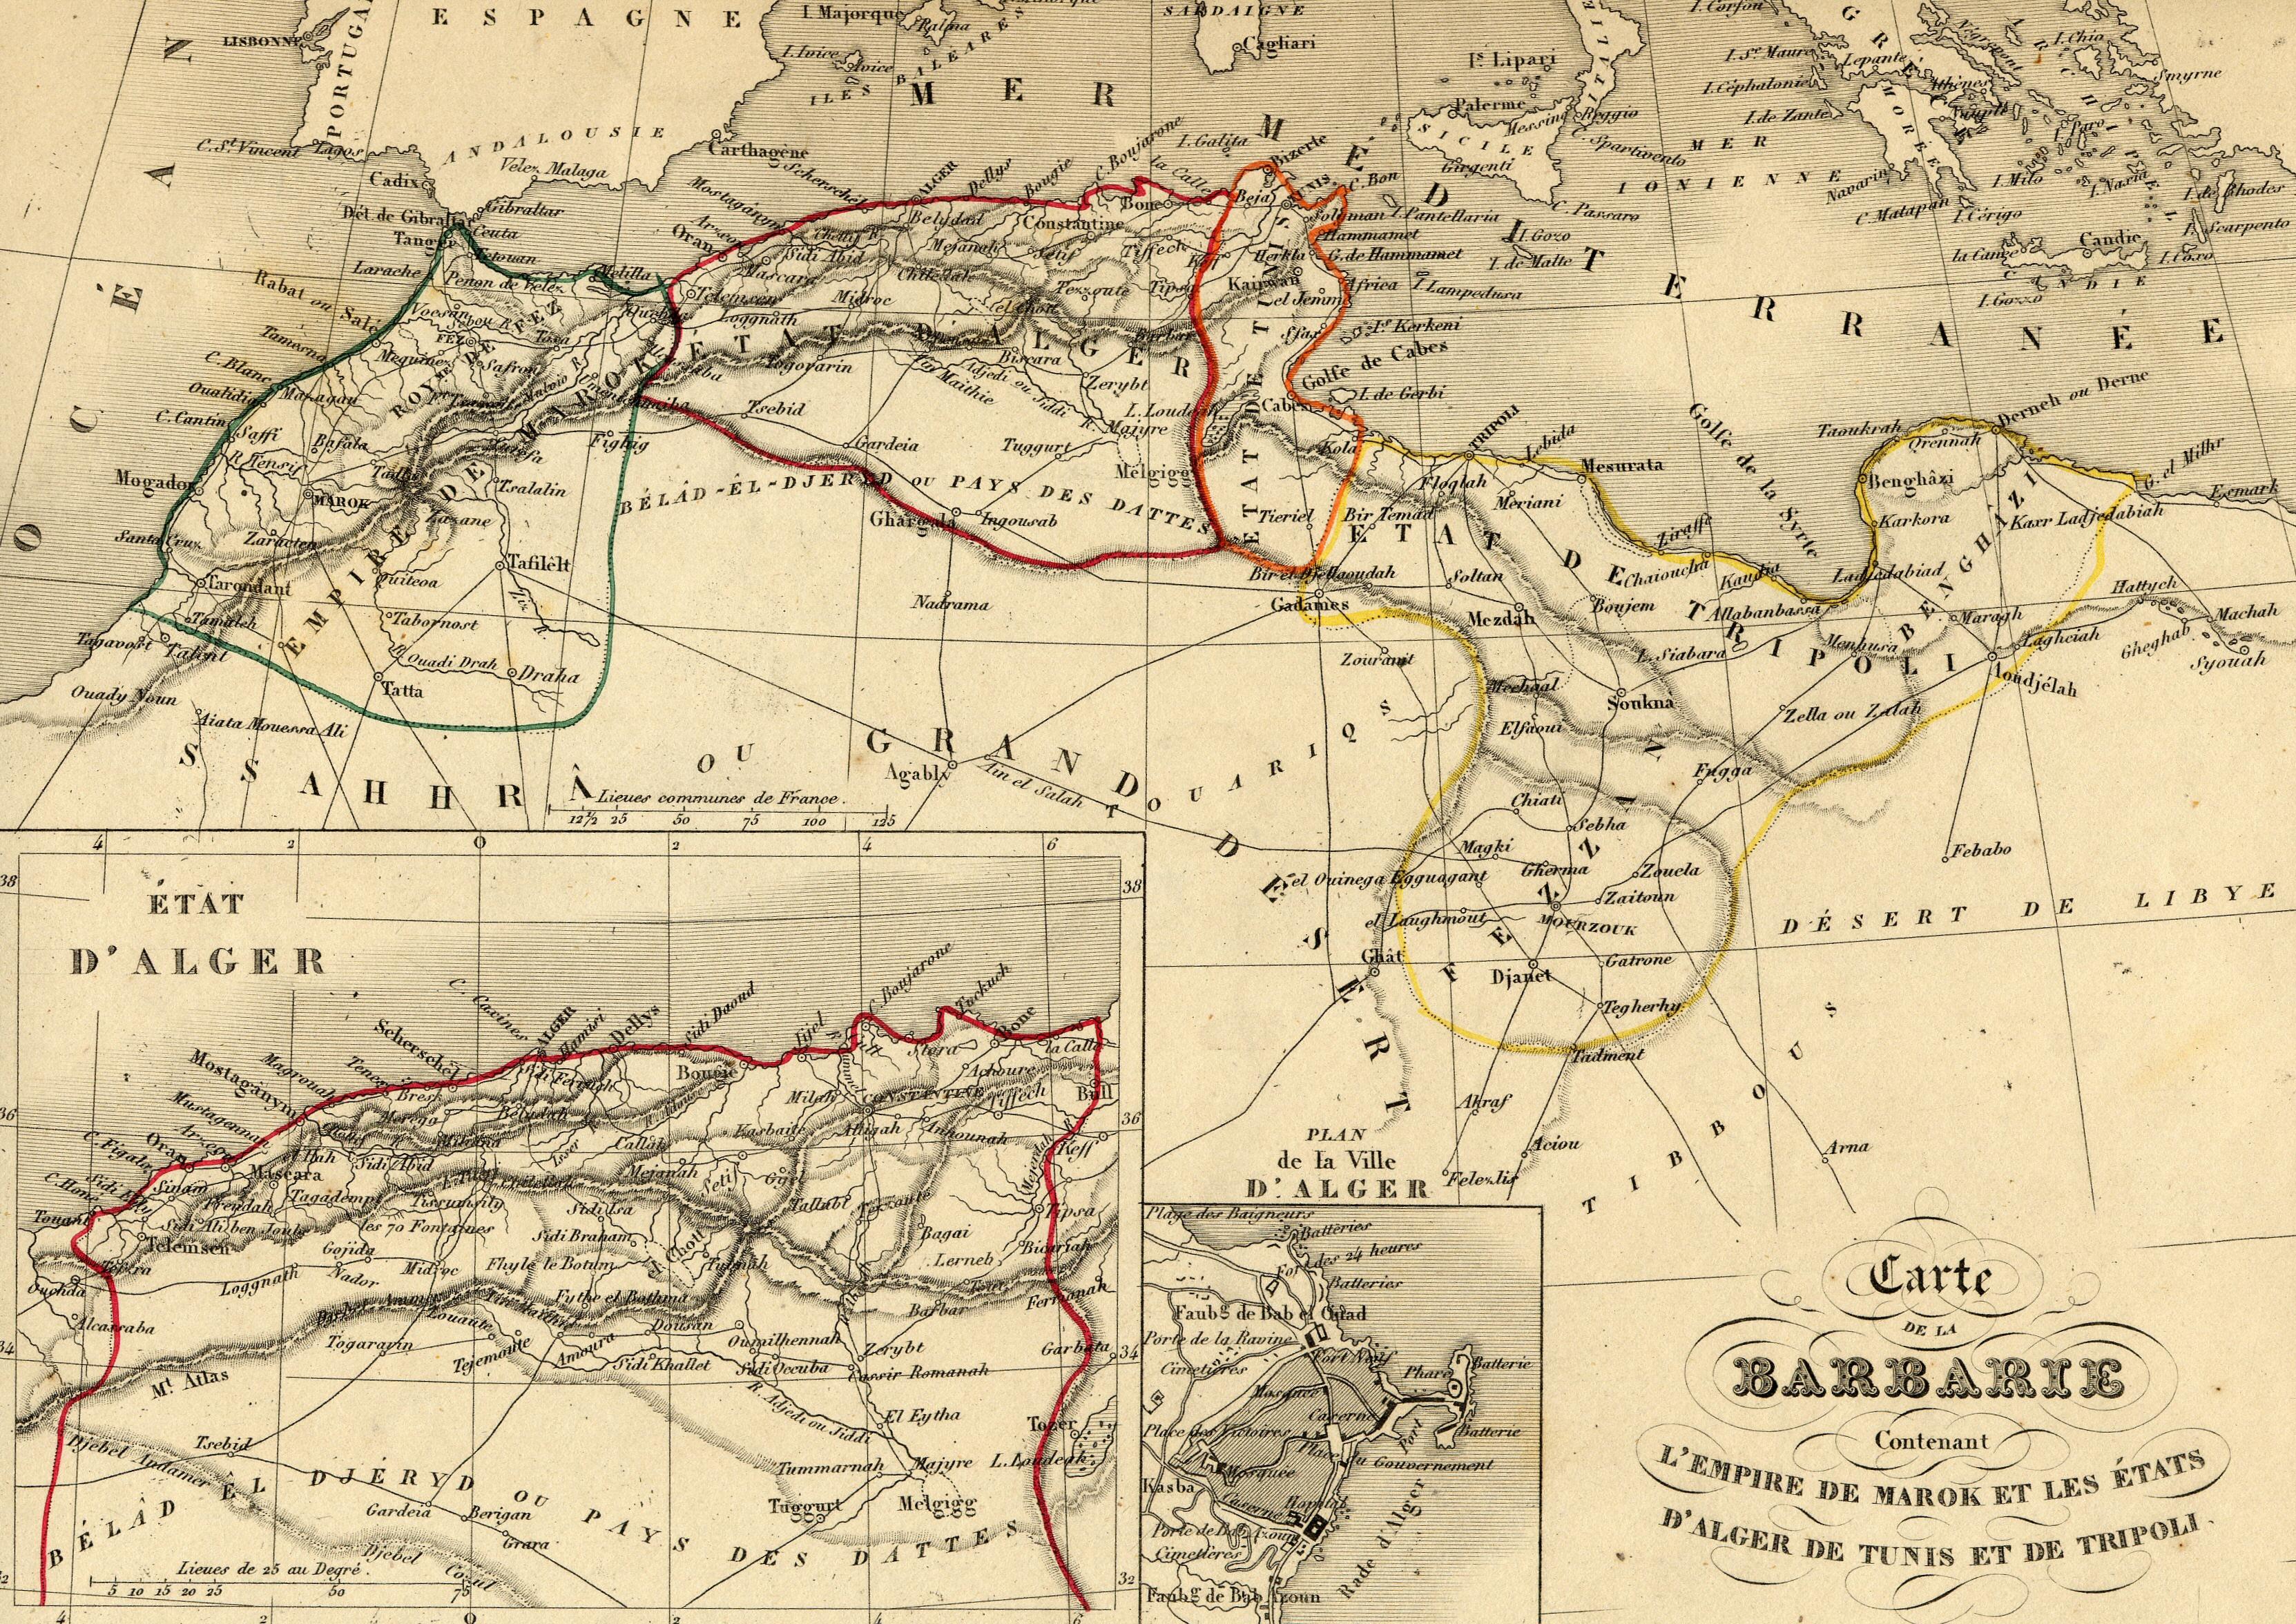 La carte du magrehb